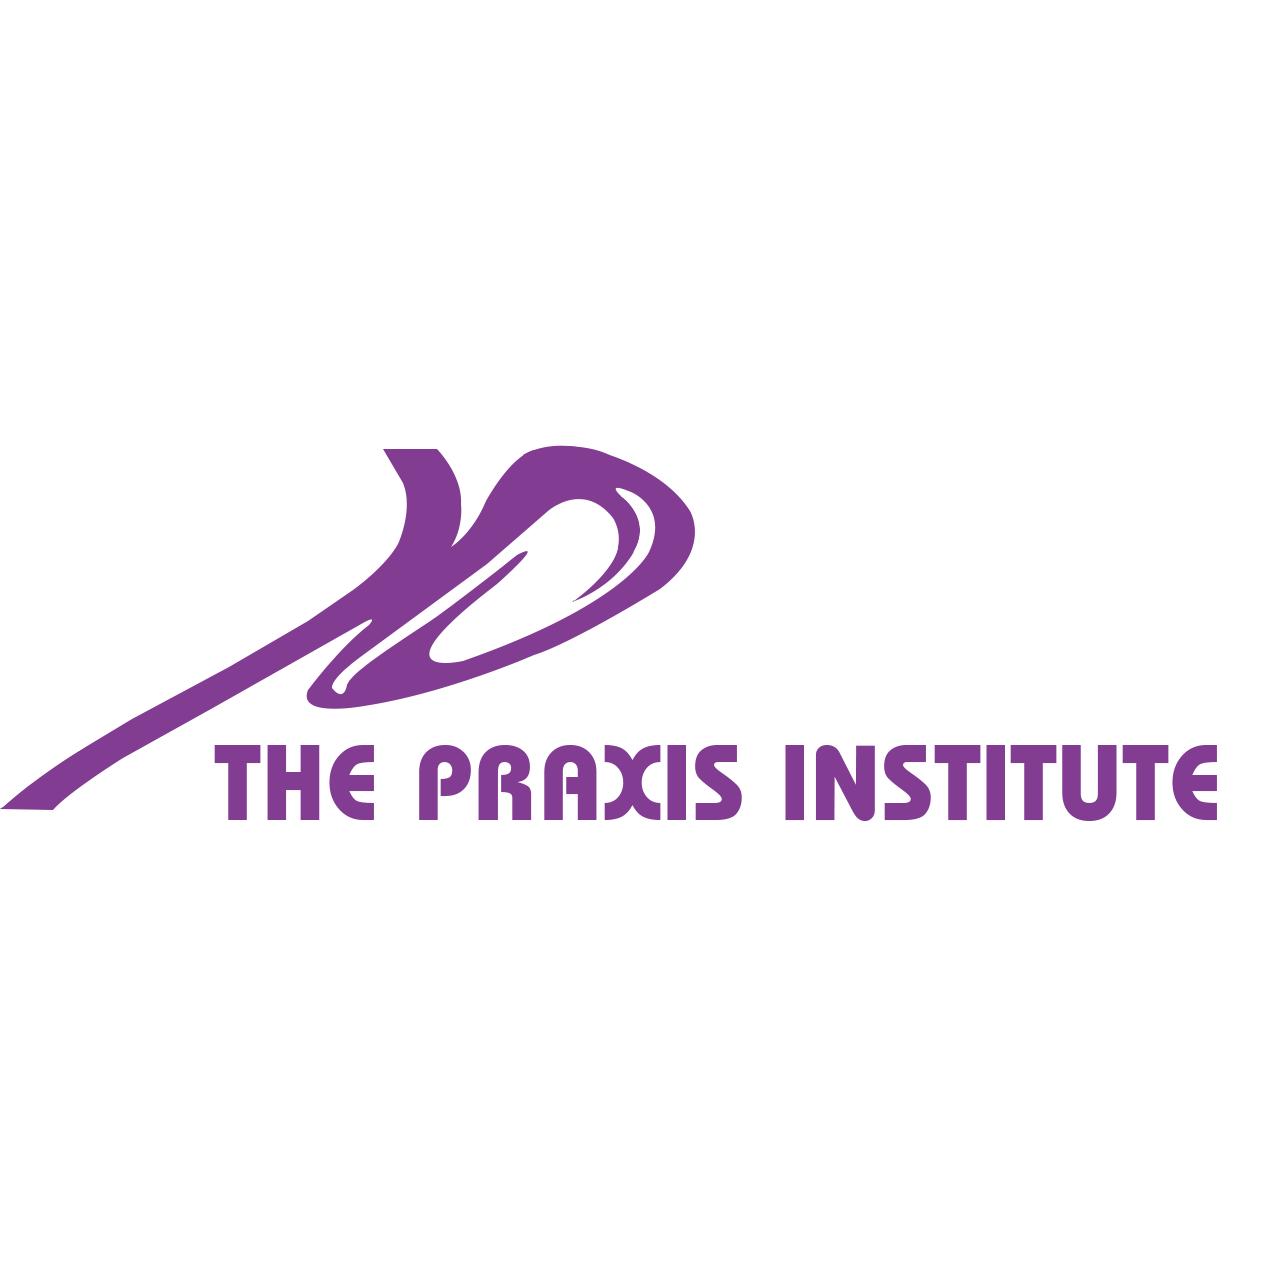 The Praxis Institute